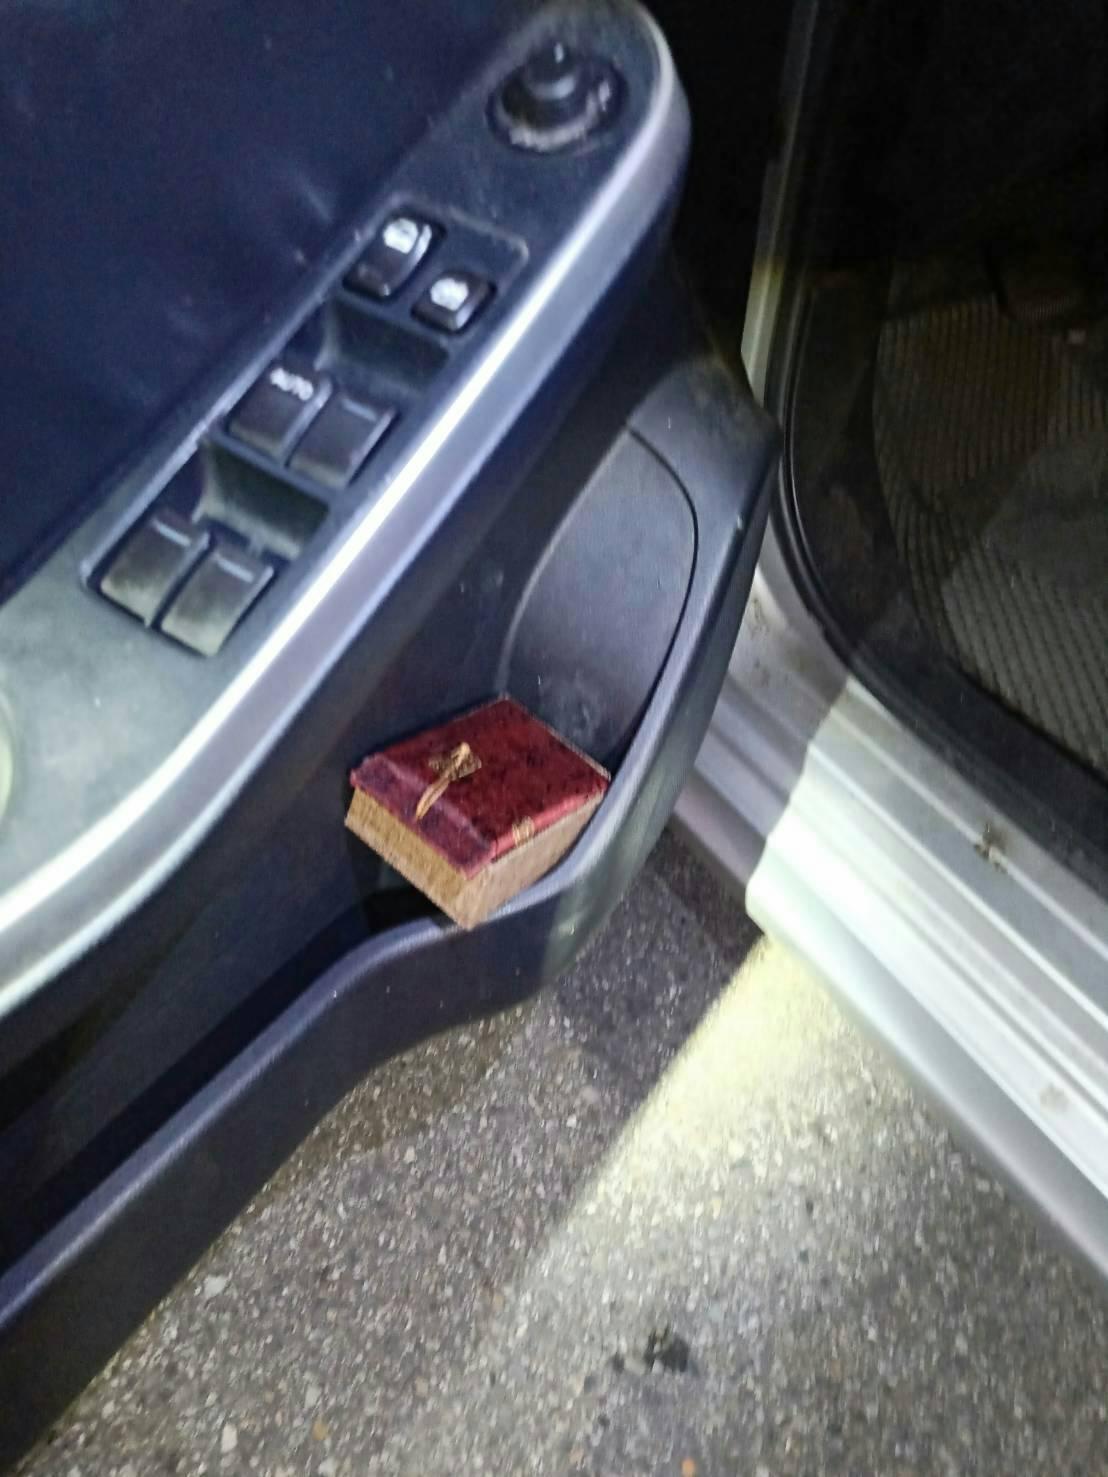 彰化縣黃姓男子上月底開著一輛貼有彩繪貼紙的轎車前往台中市,卻因紅線違停被警方查獲...